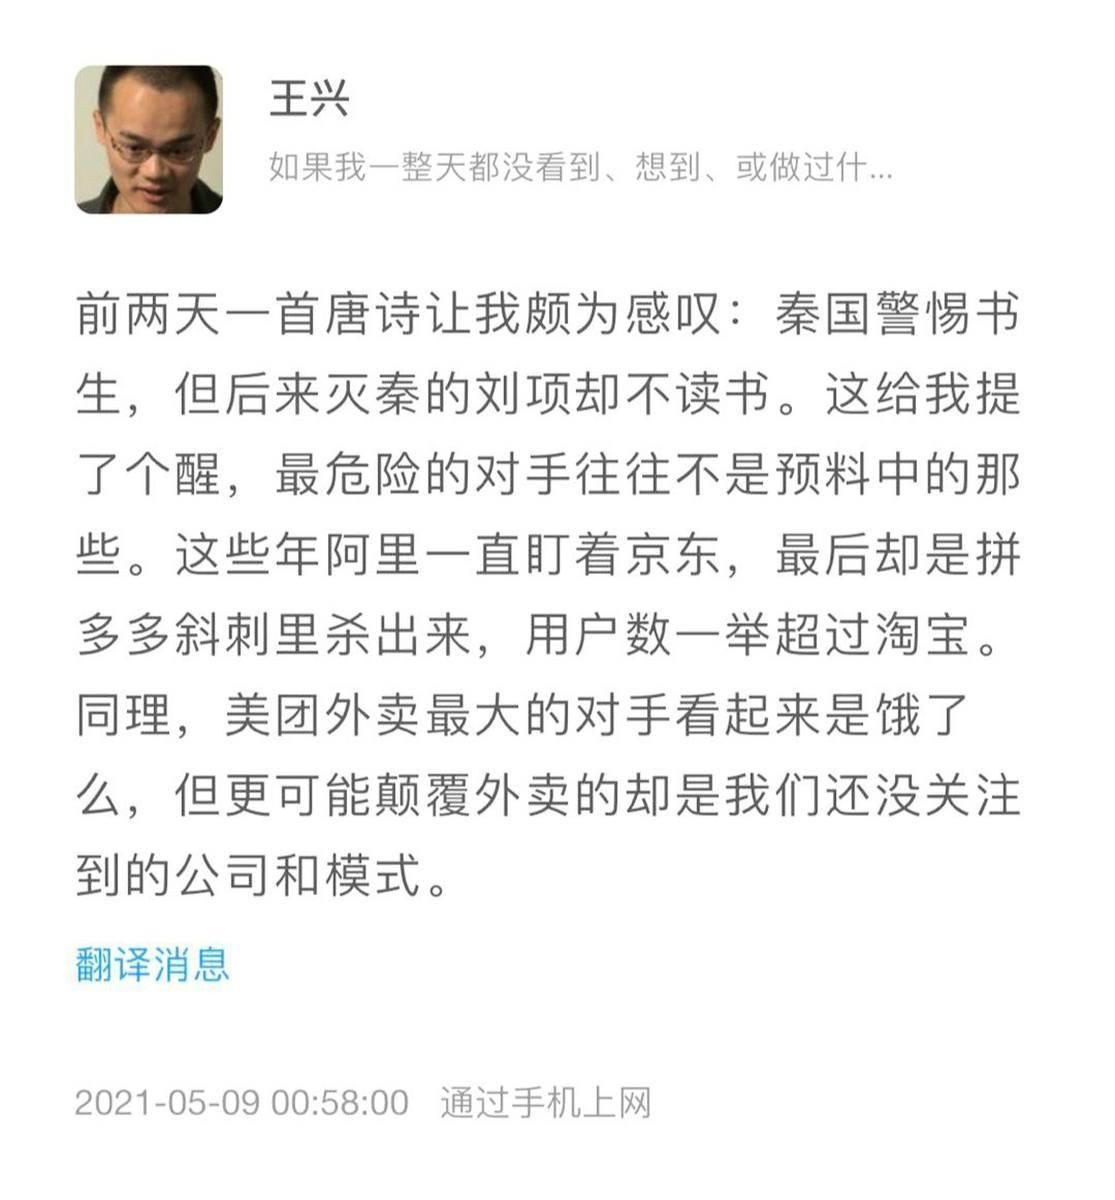 美團行政總裁王興試圖對早前發《焚書坑》古詩作出解釋,仍難阻美團股票跌勢。(網頁截圖)